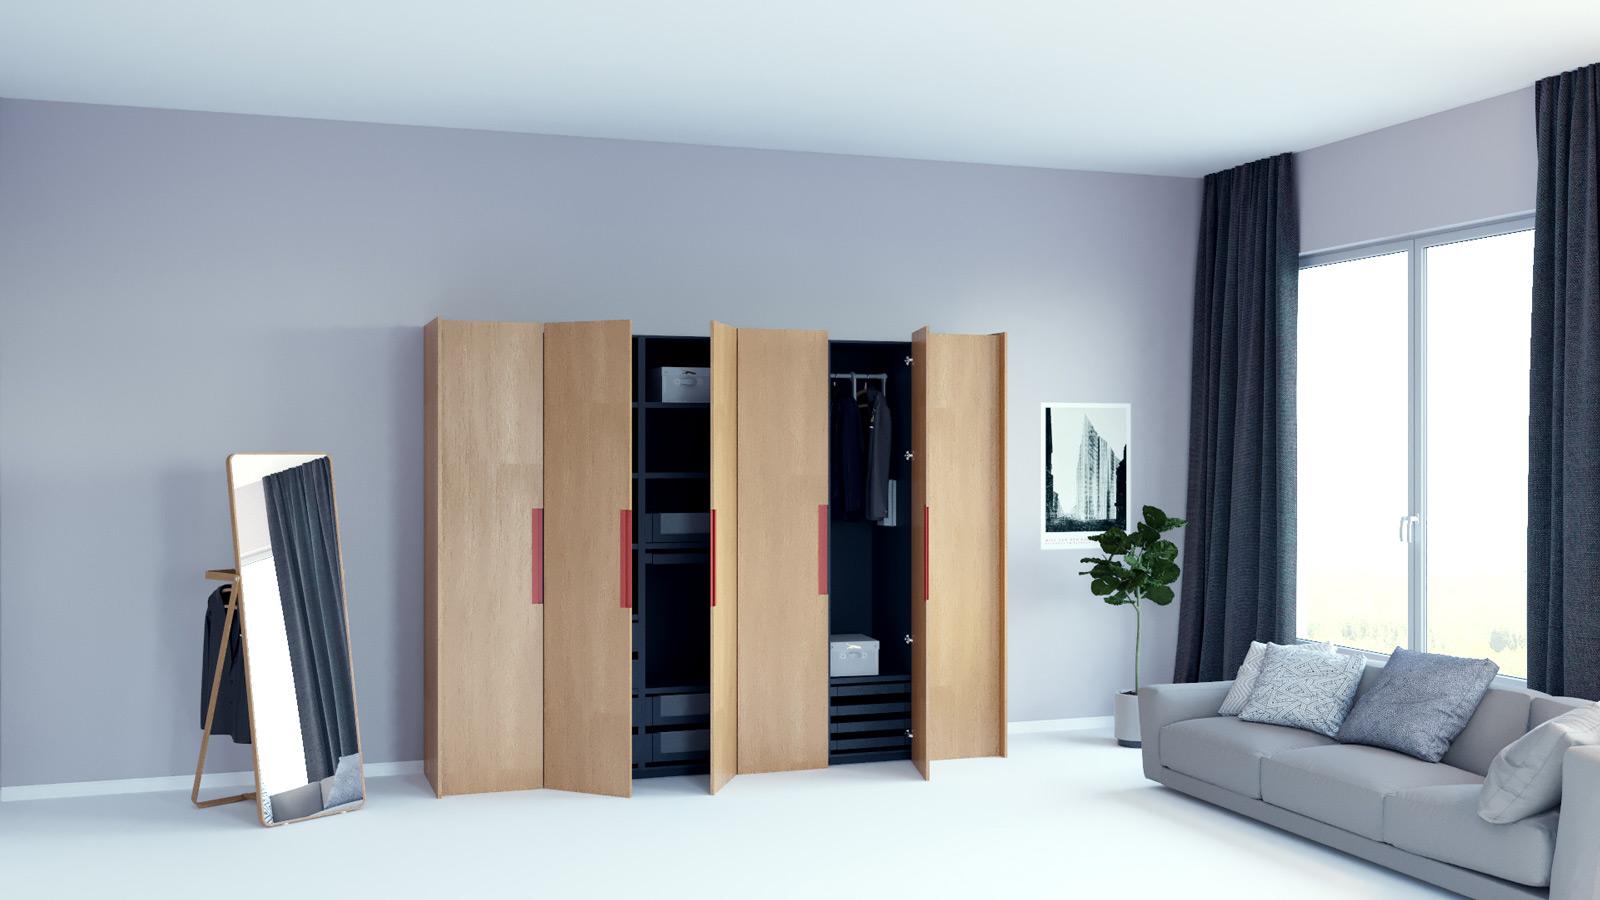 Entzückend Kleiderschrank Platzsparend Das Beste Von Dein Holzkleiderschrank